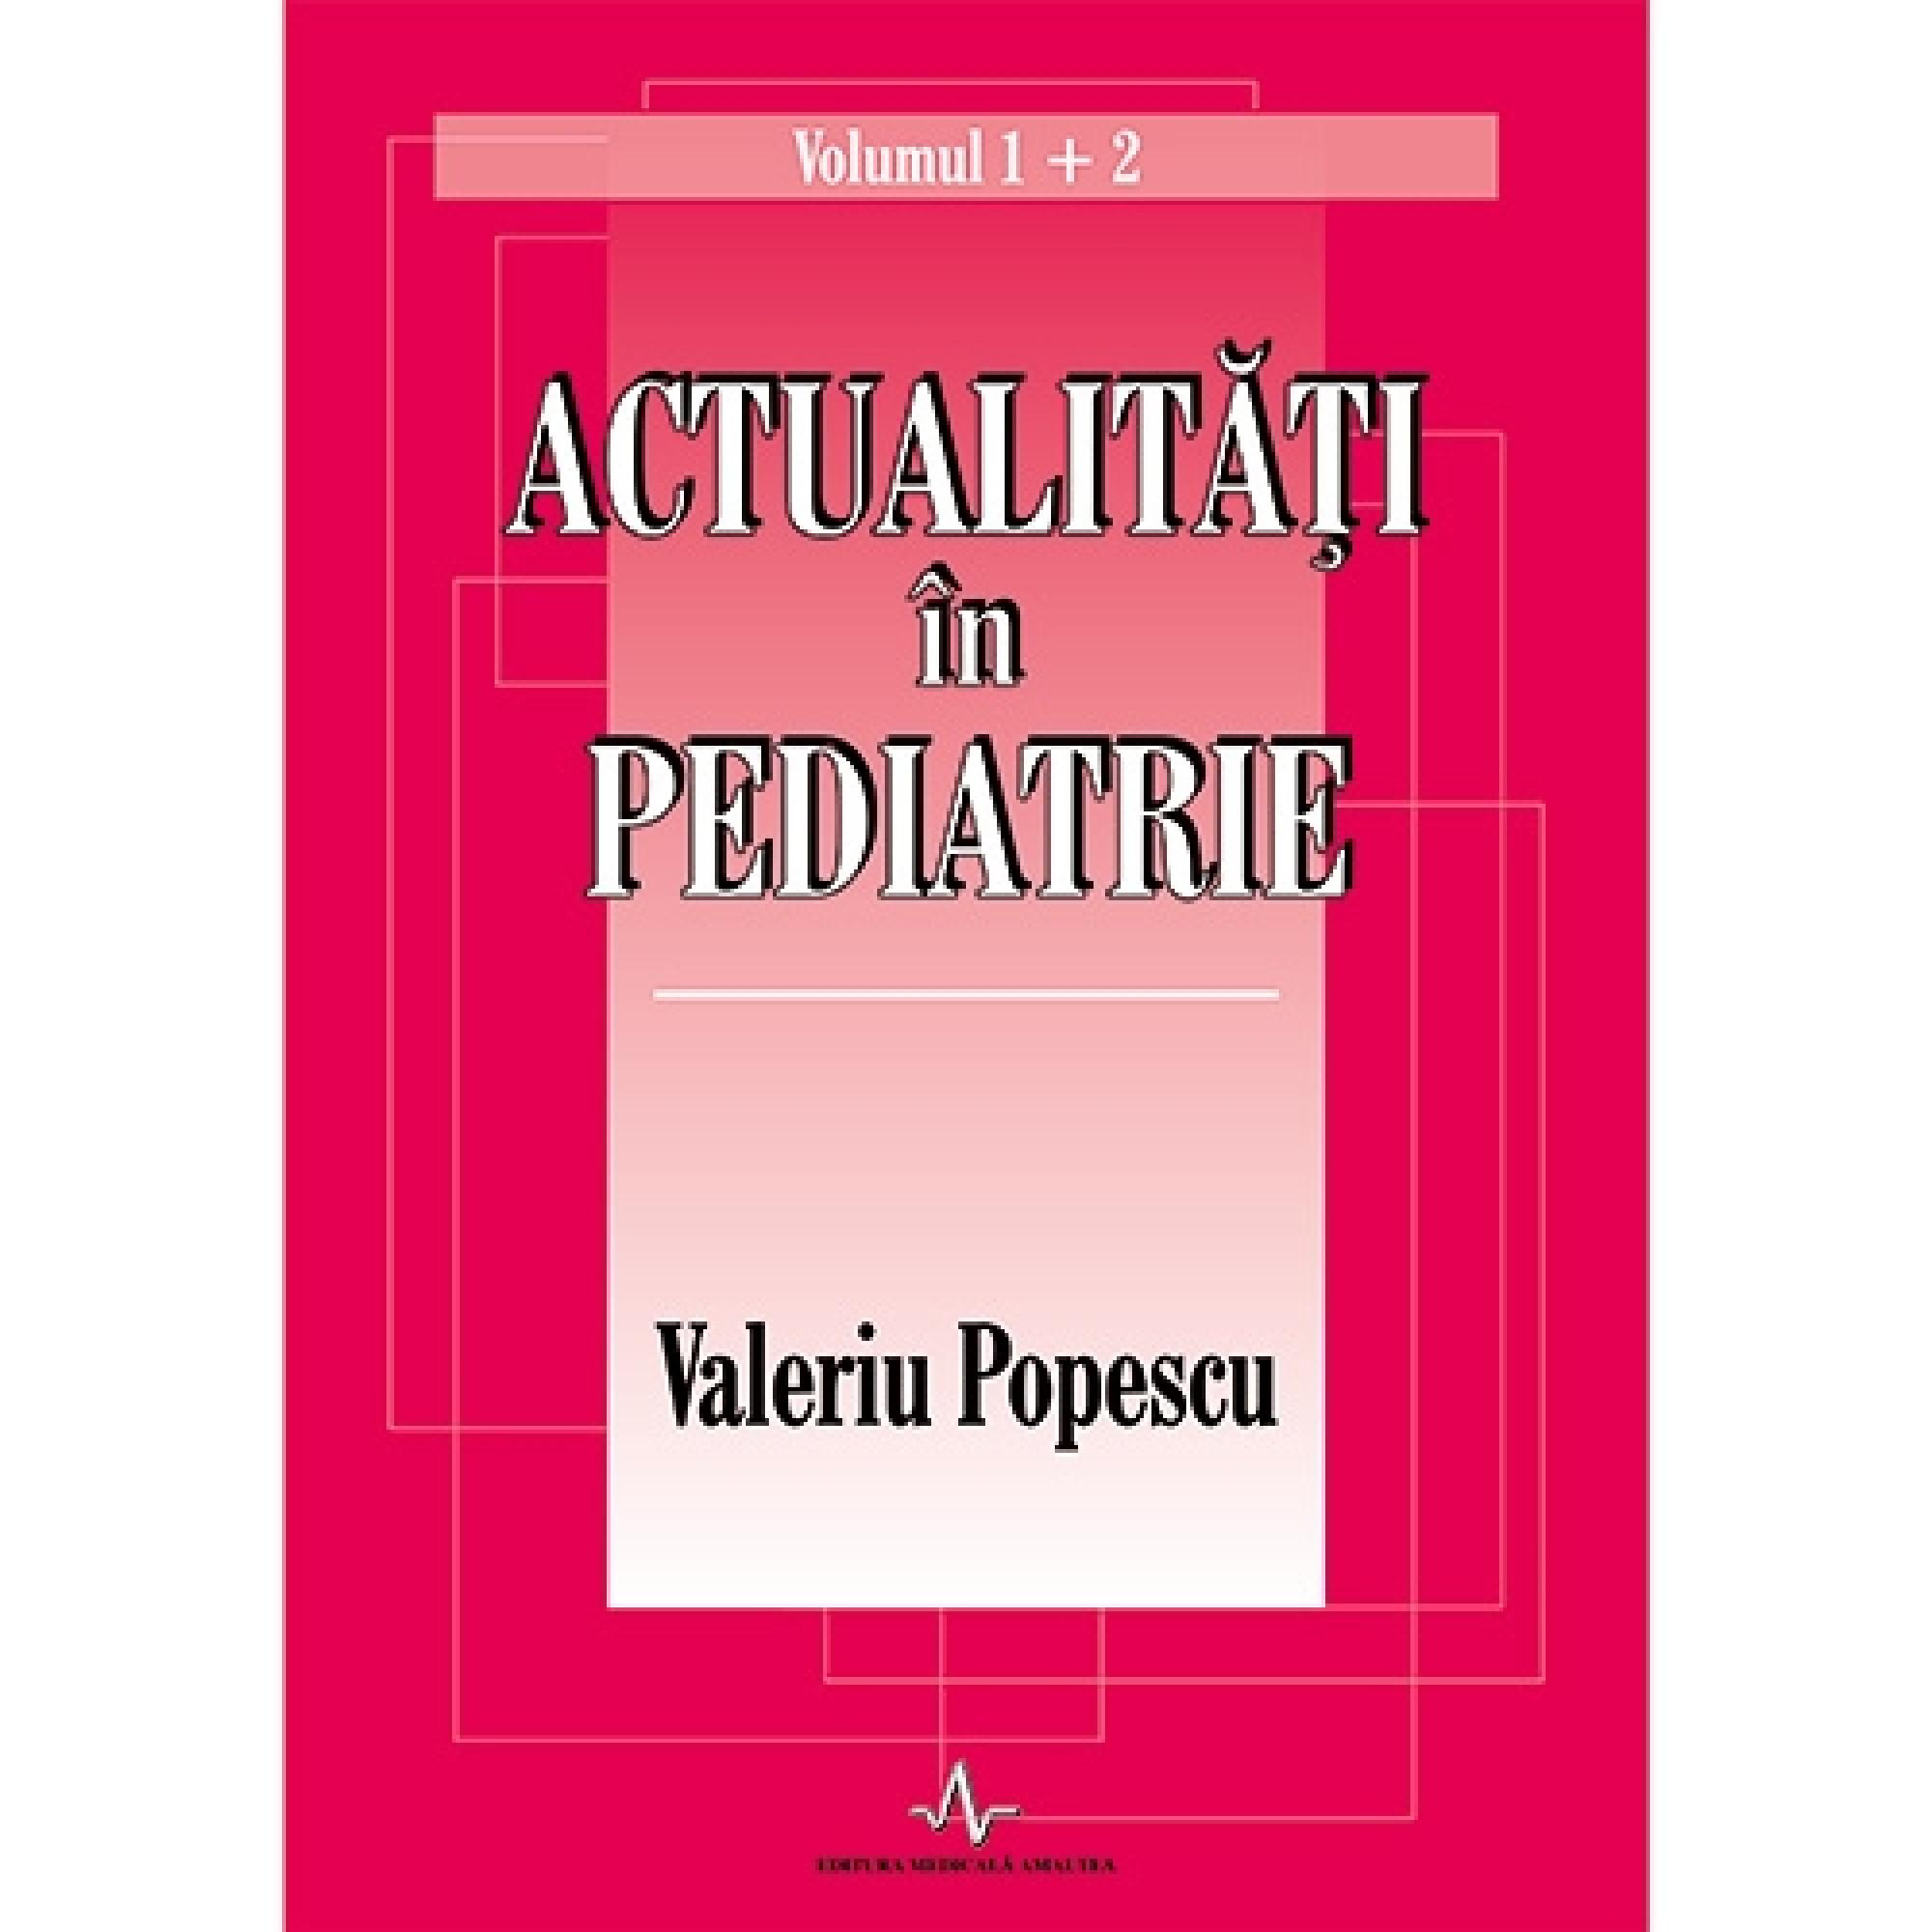 Actualități în pediatrie (vol. 1 + 2)